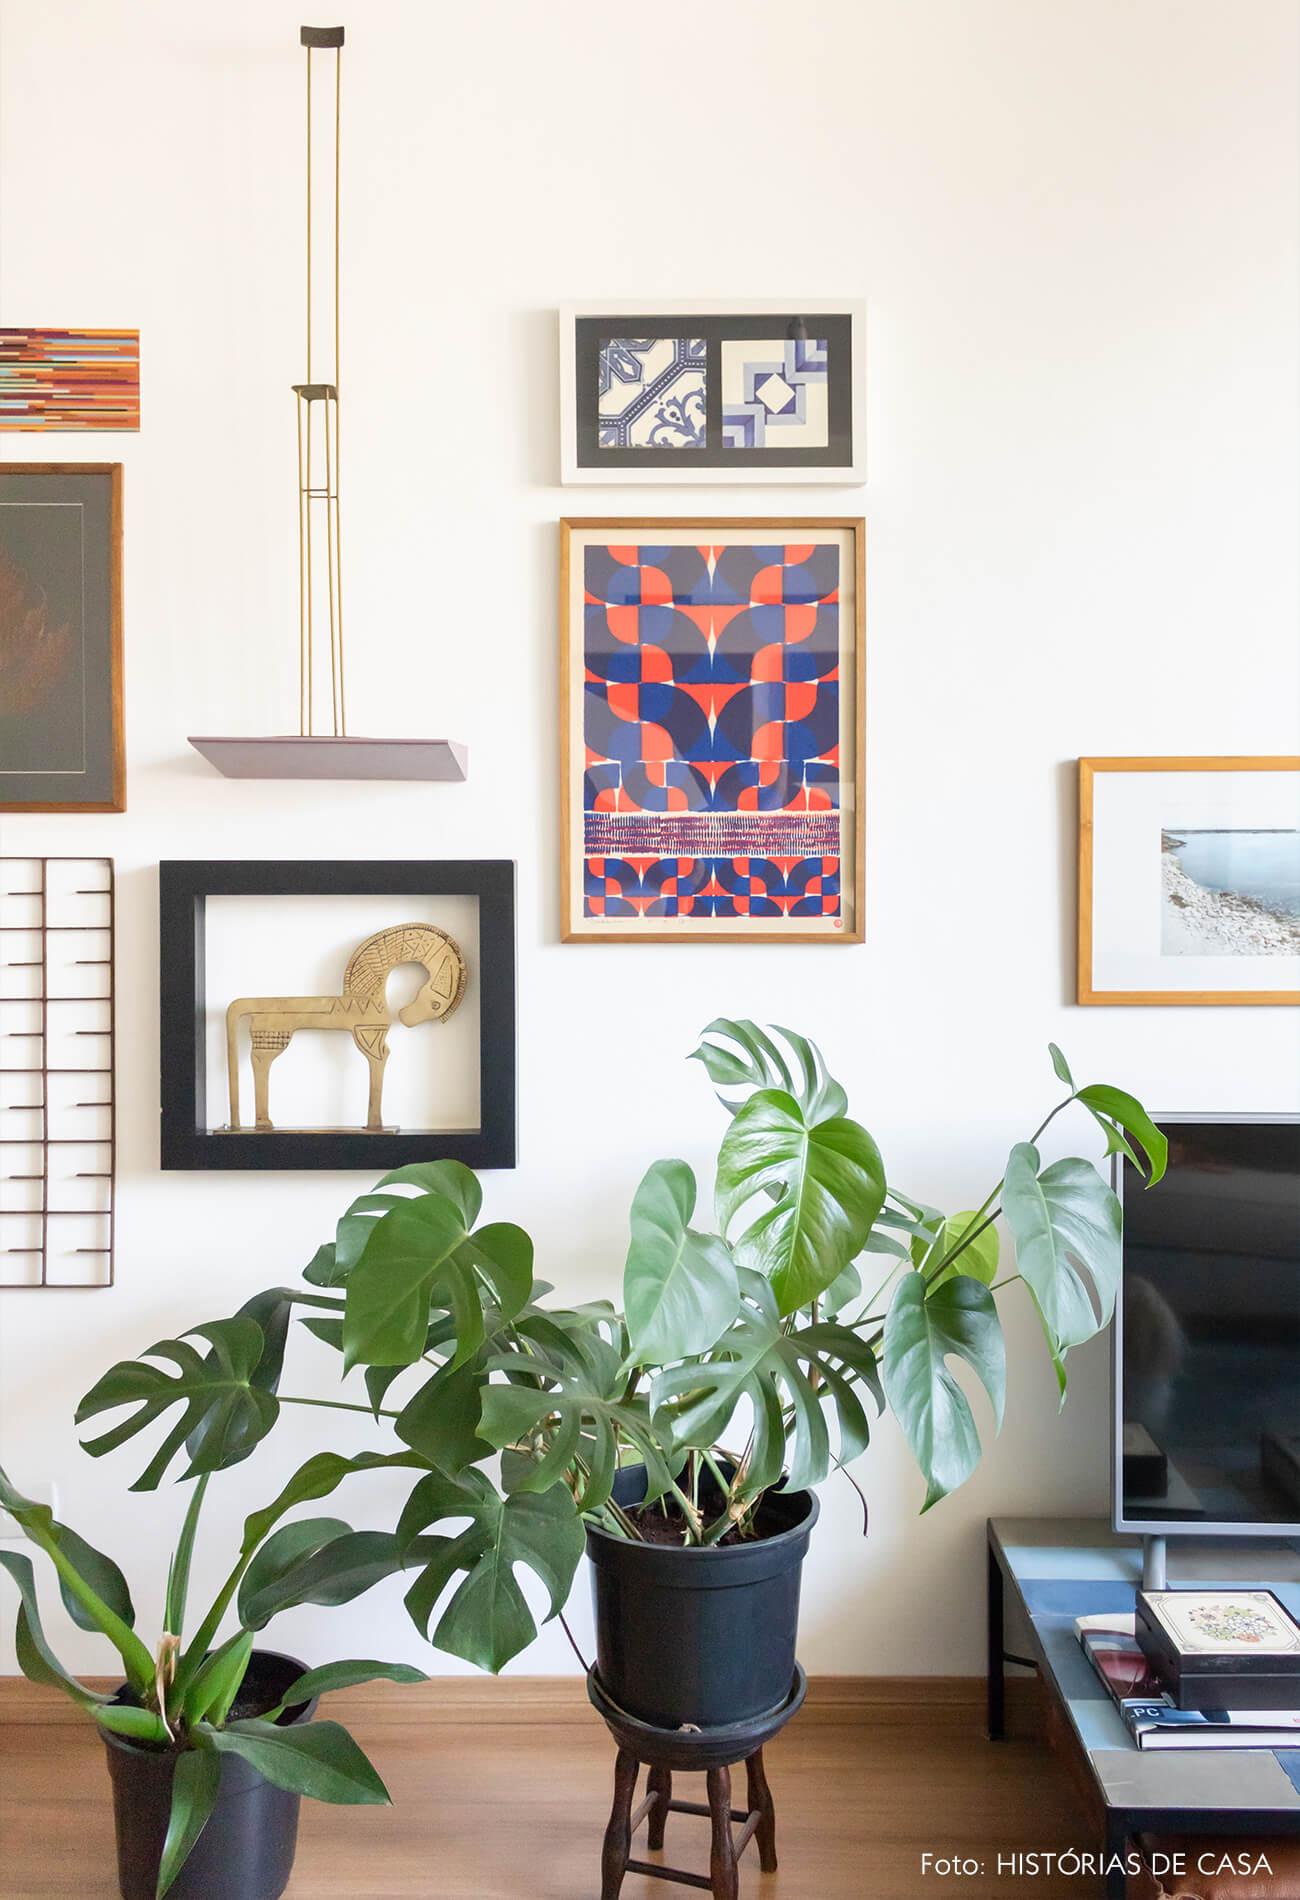 sala com quadros e plantas